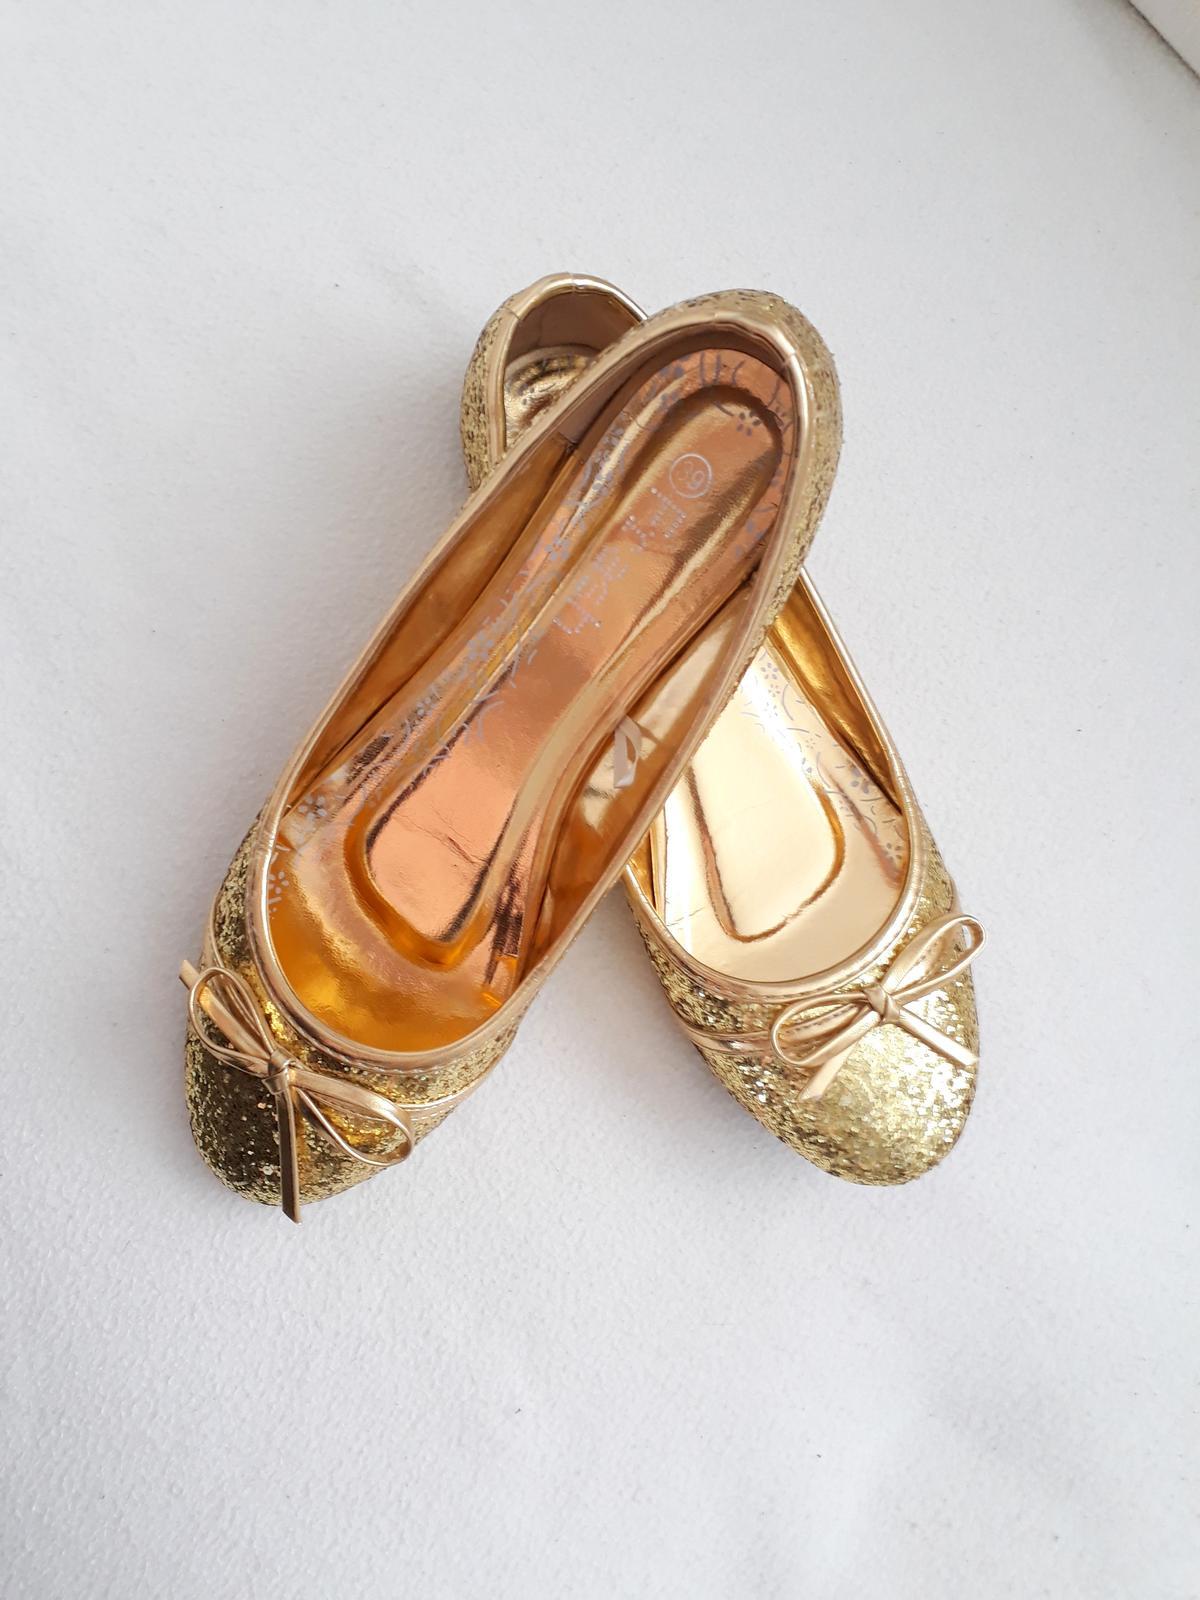 Zlaté baleríny - Obrázek č. 1